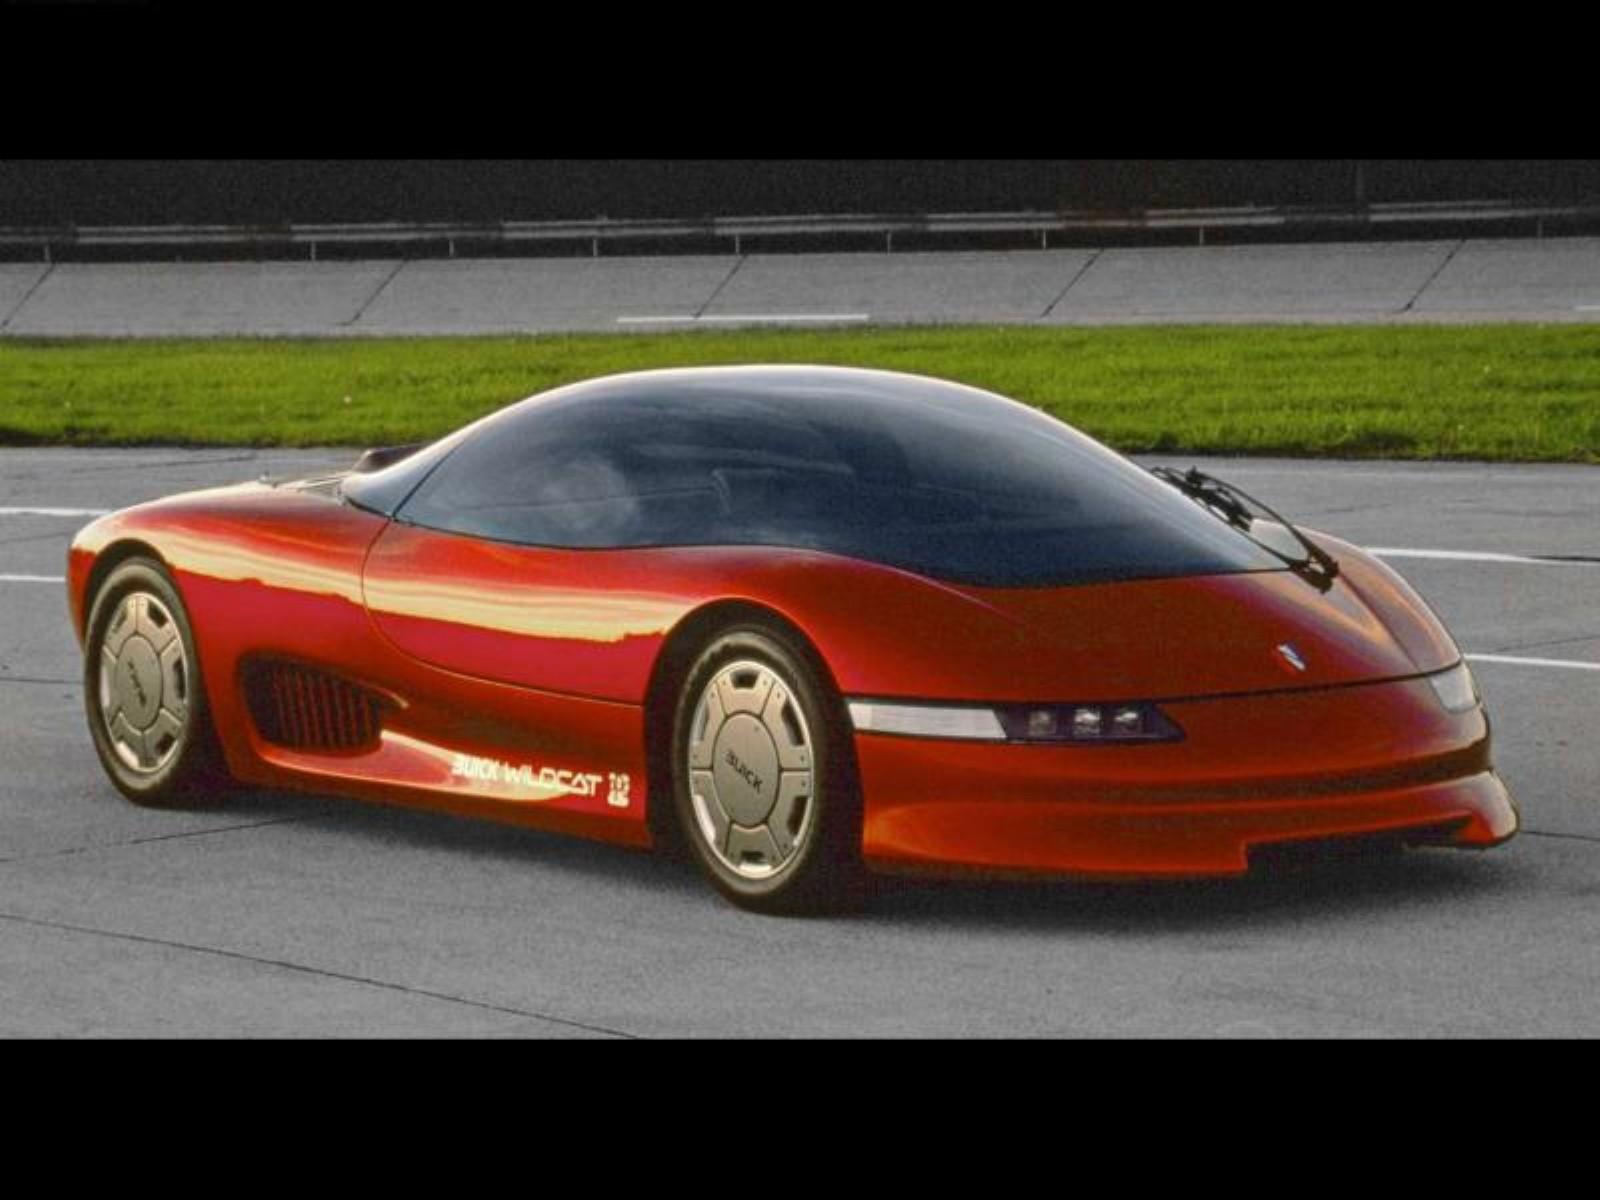 http://3.bp.blogspot.com/-eMmZbJm0VEo/TqHH2Yj4COI/AAAAAAAAAVQ/filMp6TpLOA/s1600/Buick+Wildcat+Concept+1988.jpg